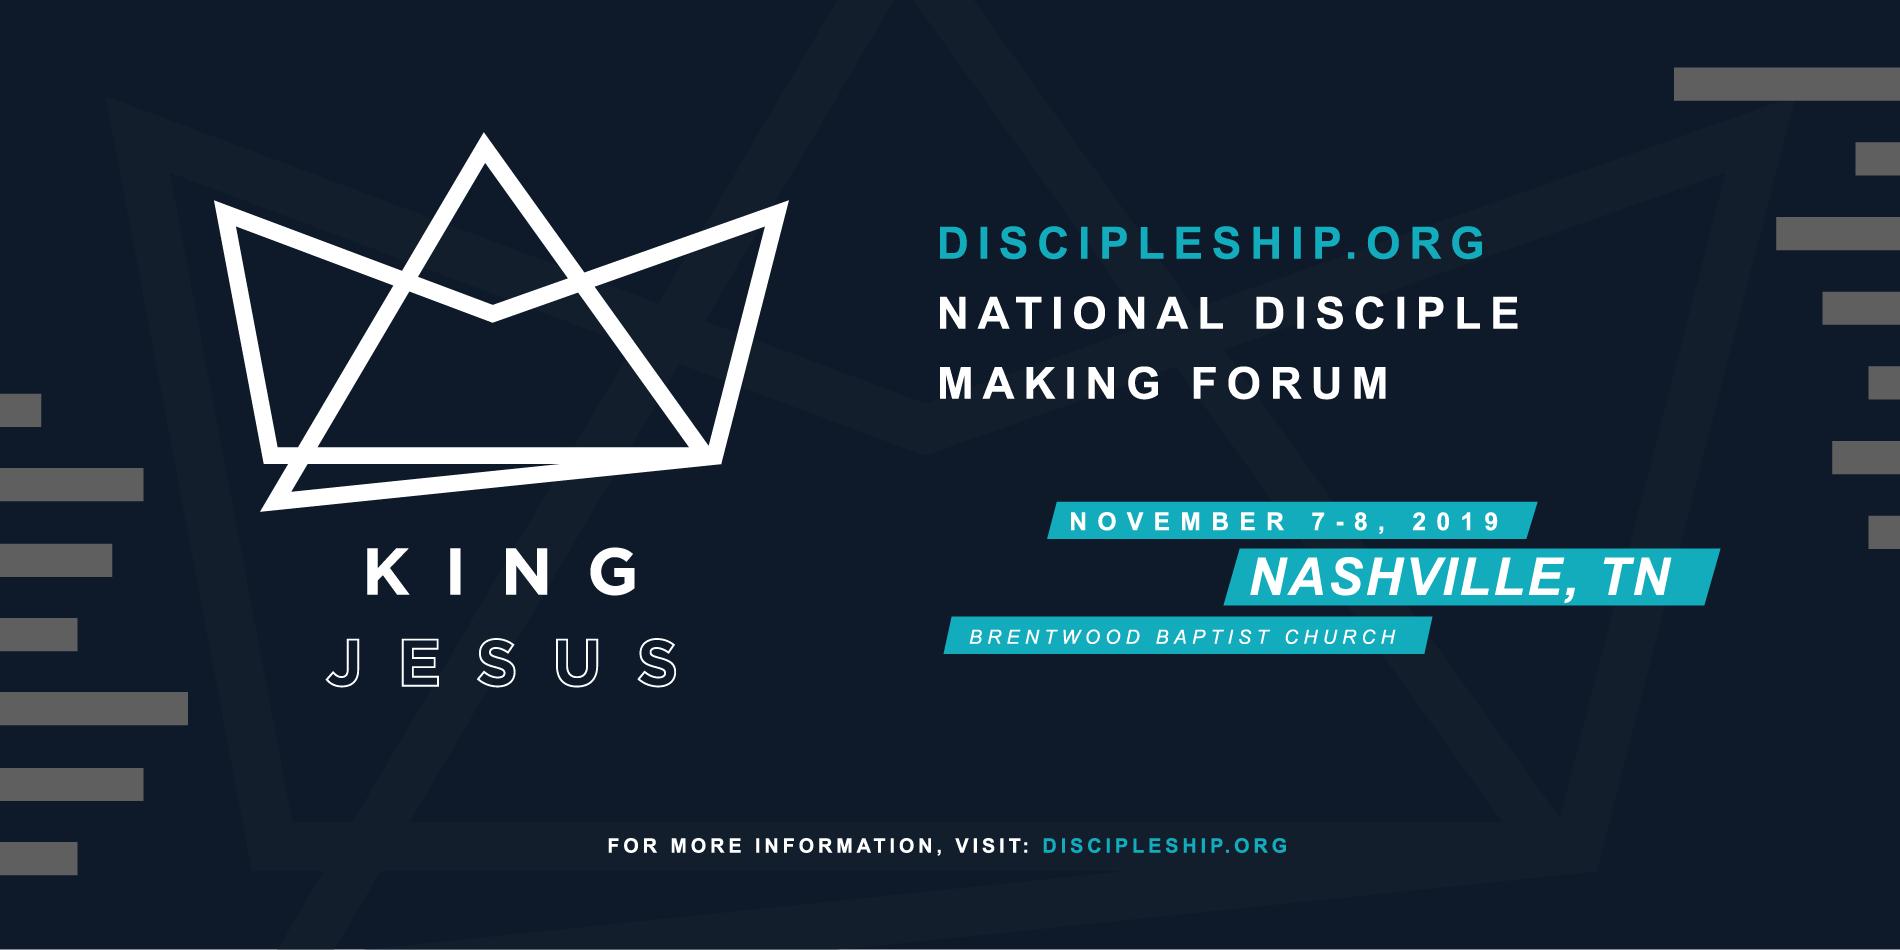 King Jesus | Nation Disciple Making Forum, November 7-8, 2019